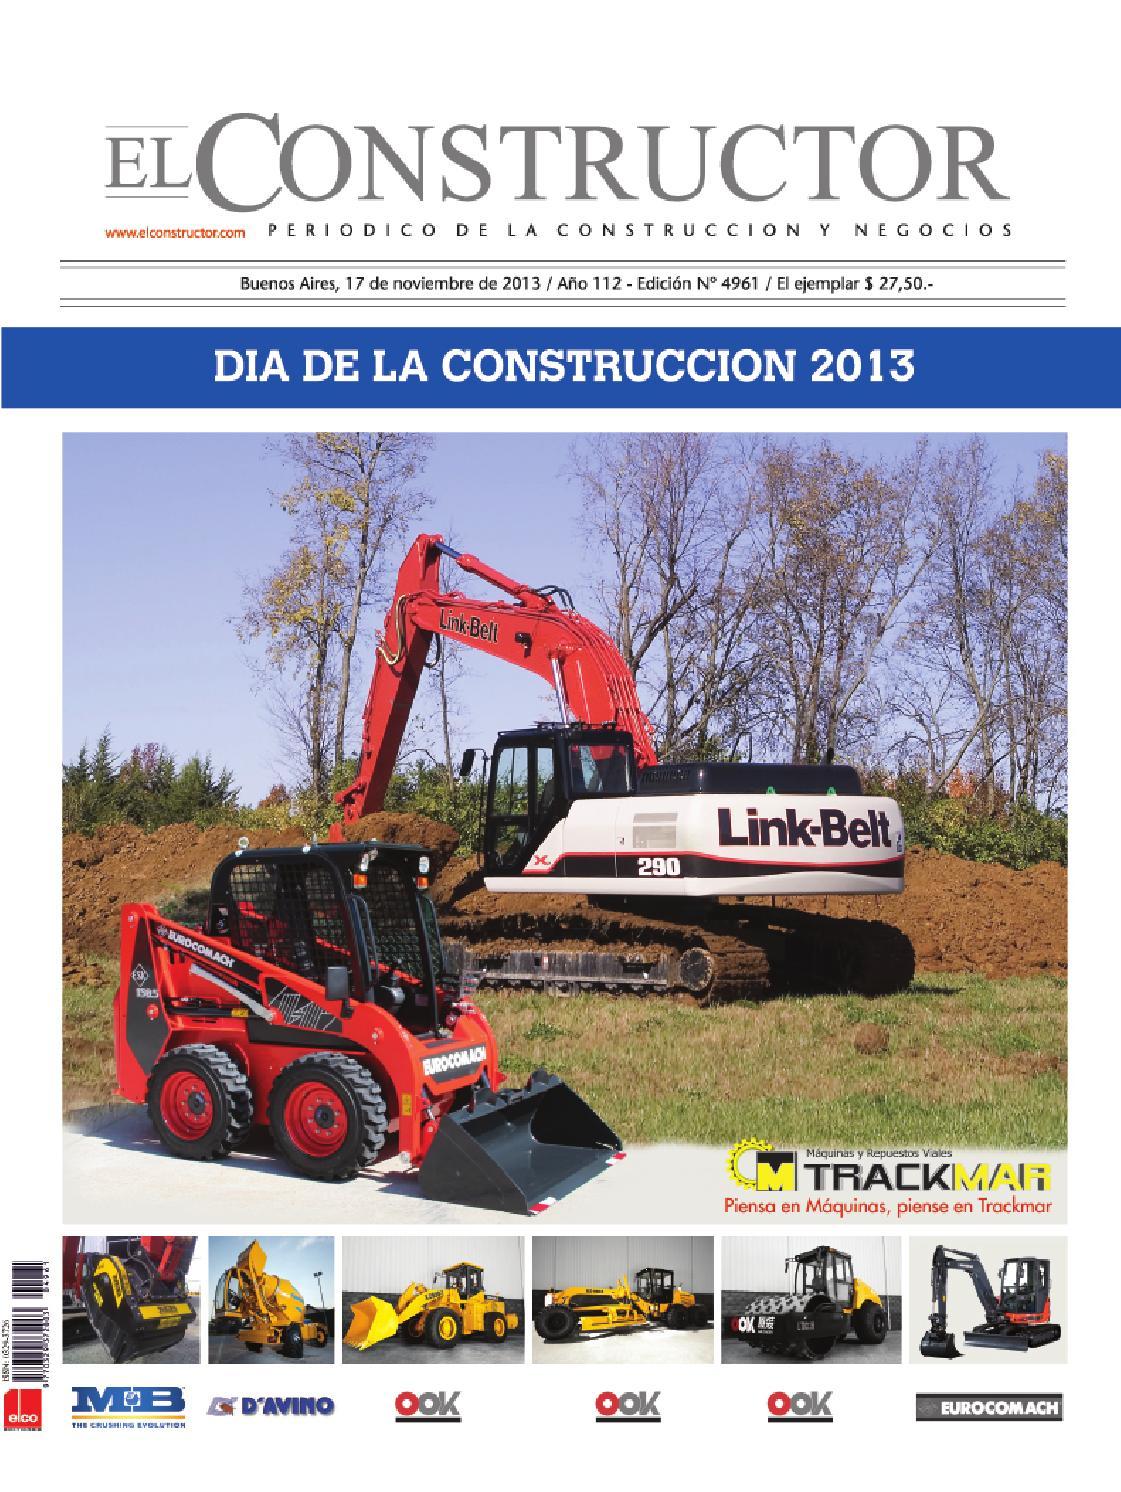 El Constructor 17/11/2013 - Dia de la Construccion 2013 by ELCO ...